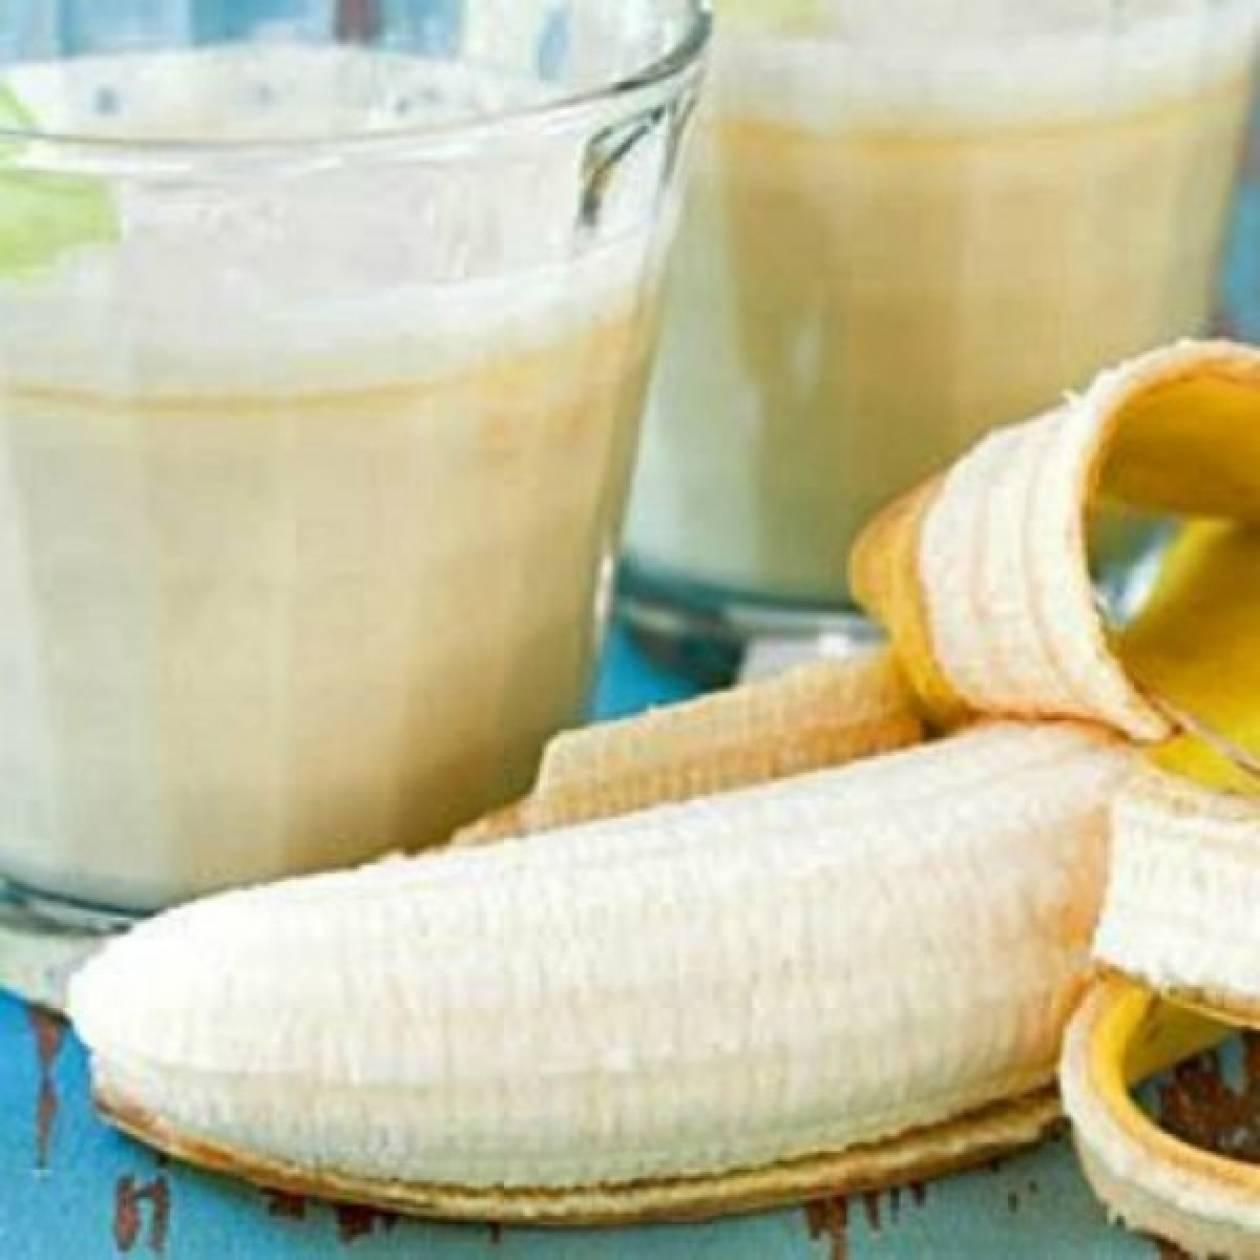 Χάστε την κοιλιά σας με smoothie μπανάνας και φυστικοβούτυρου